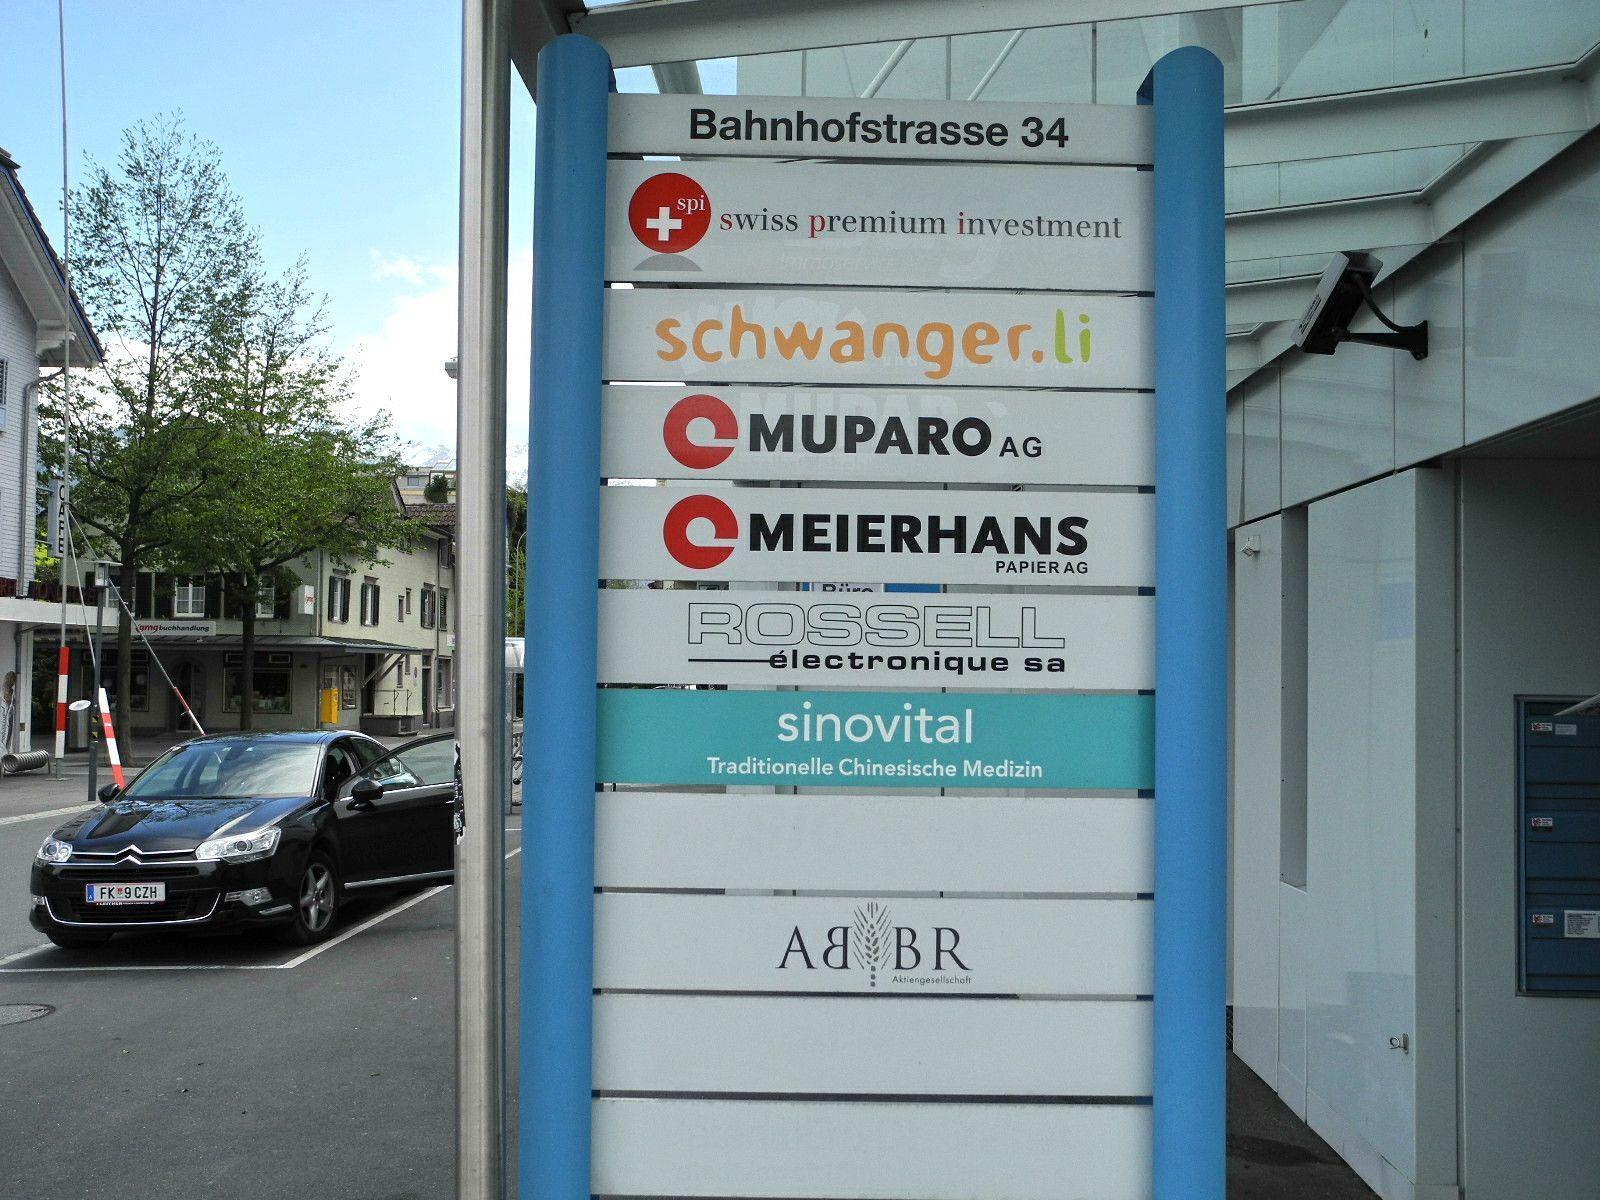 """In der Bahnhofstraße 34 zieht am Mittwoch, 2. Mai die Frauenberatungsstelle """"schwanger.li"""" ein"""